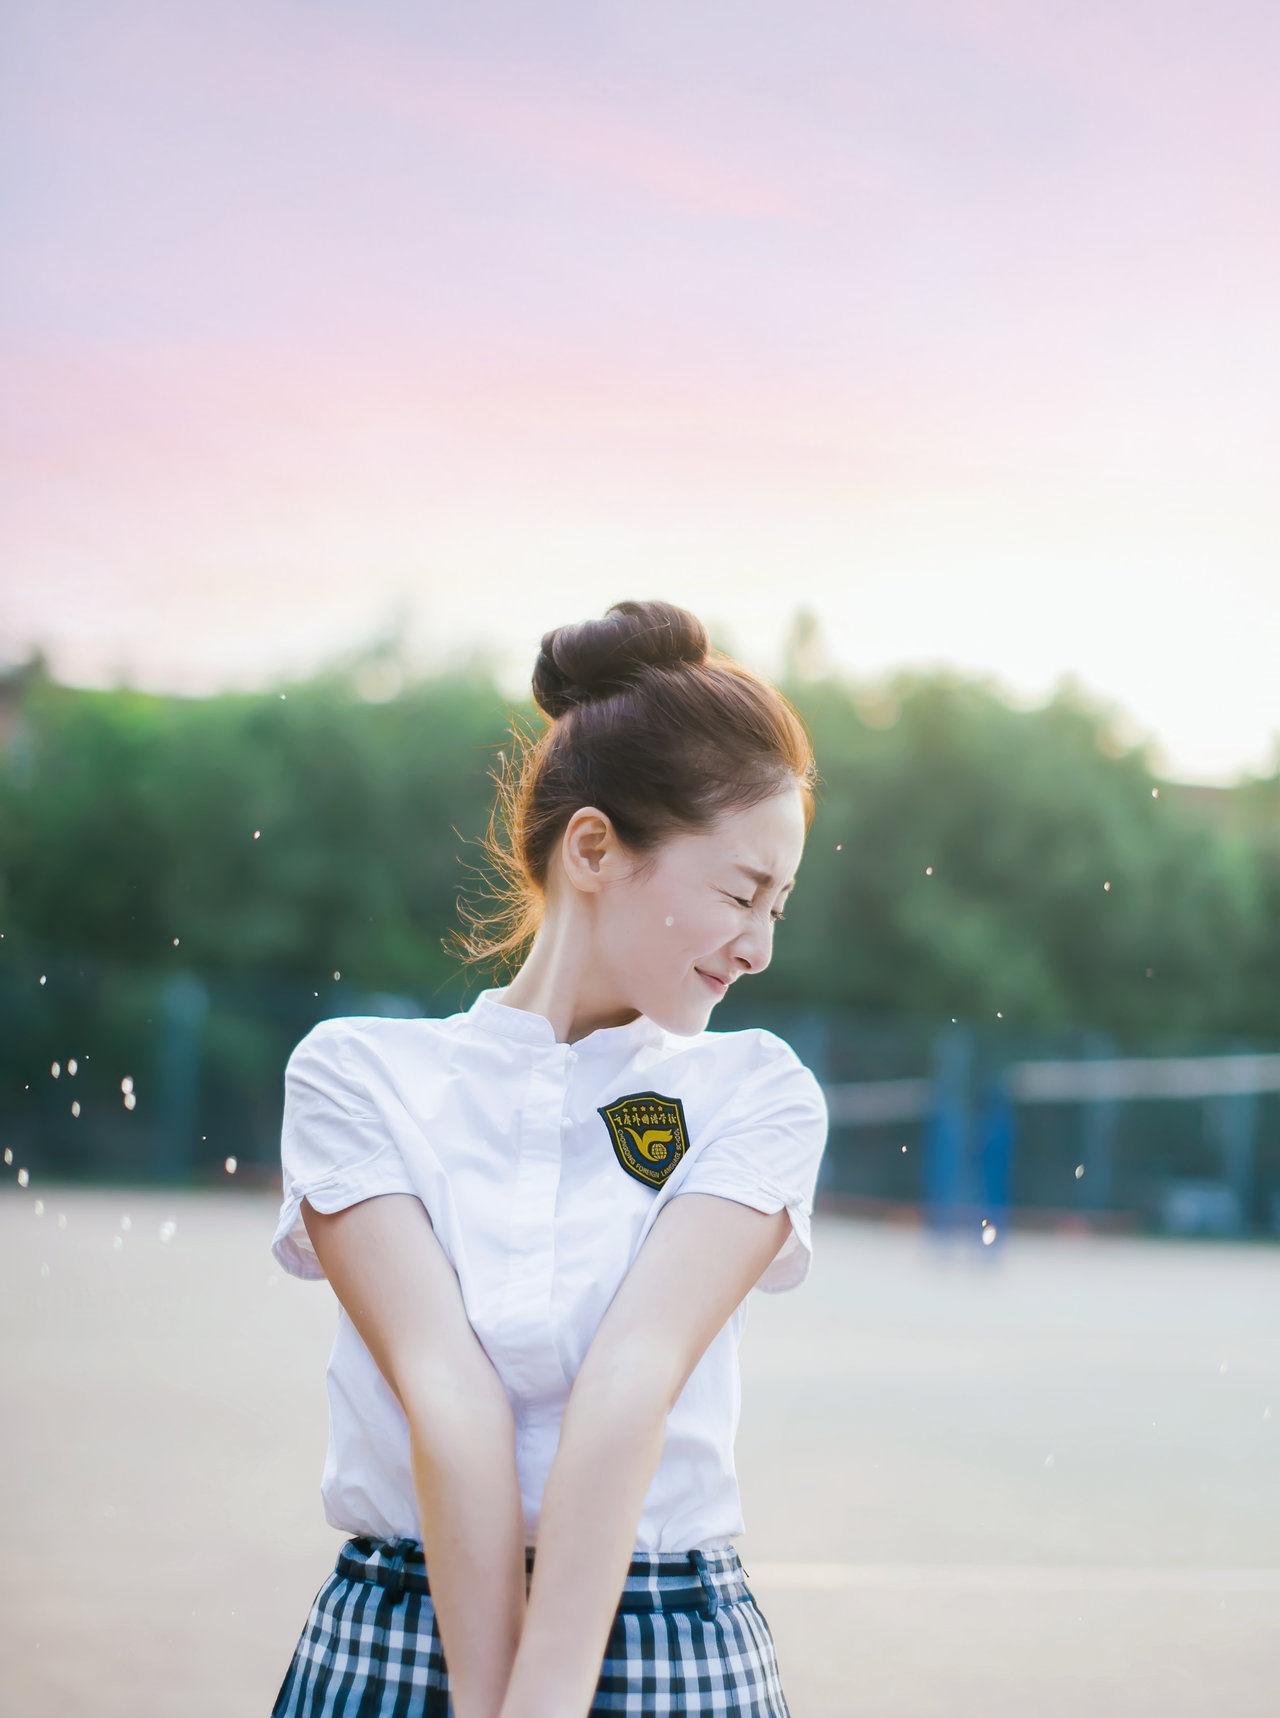 出淤泥而不染,濯清涟而不妖――清纯女演员叶青